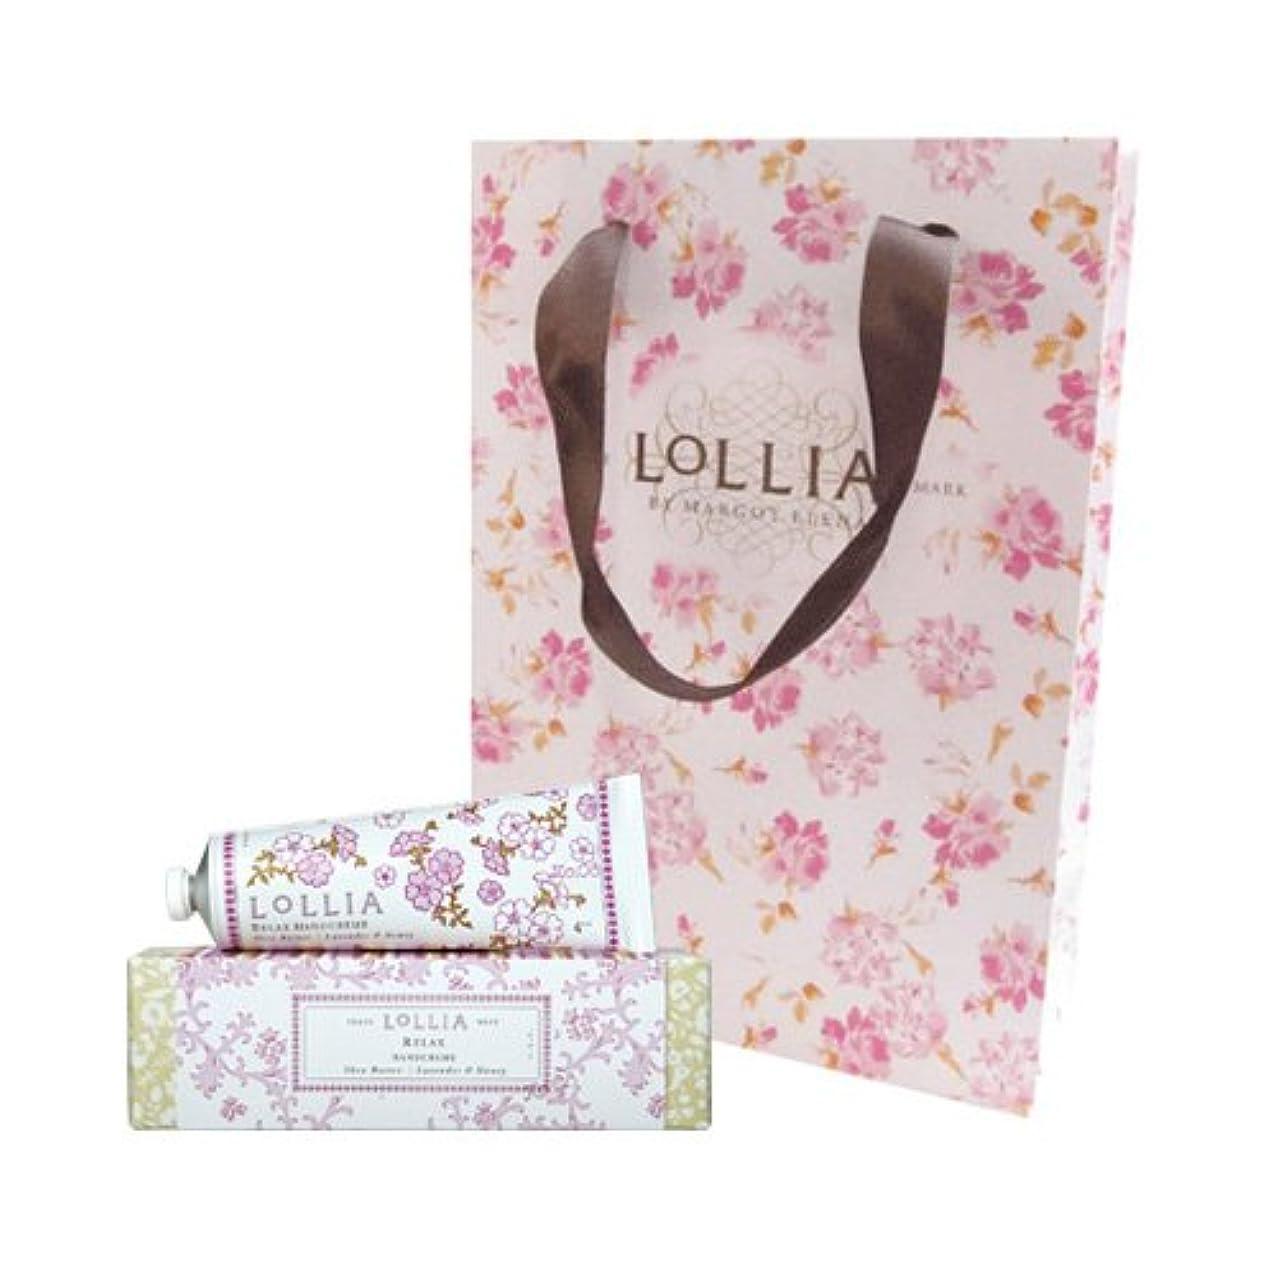 領収書いたずらなあいまいロリア(LoLLIA) ハンドクリーム Relax 35g (蘭、ラベンダー、バニラとハニーの甘い香り) ショッパー付